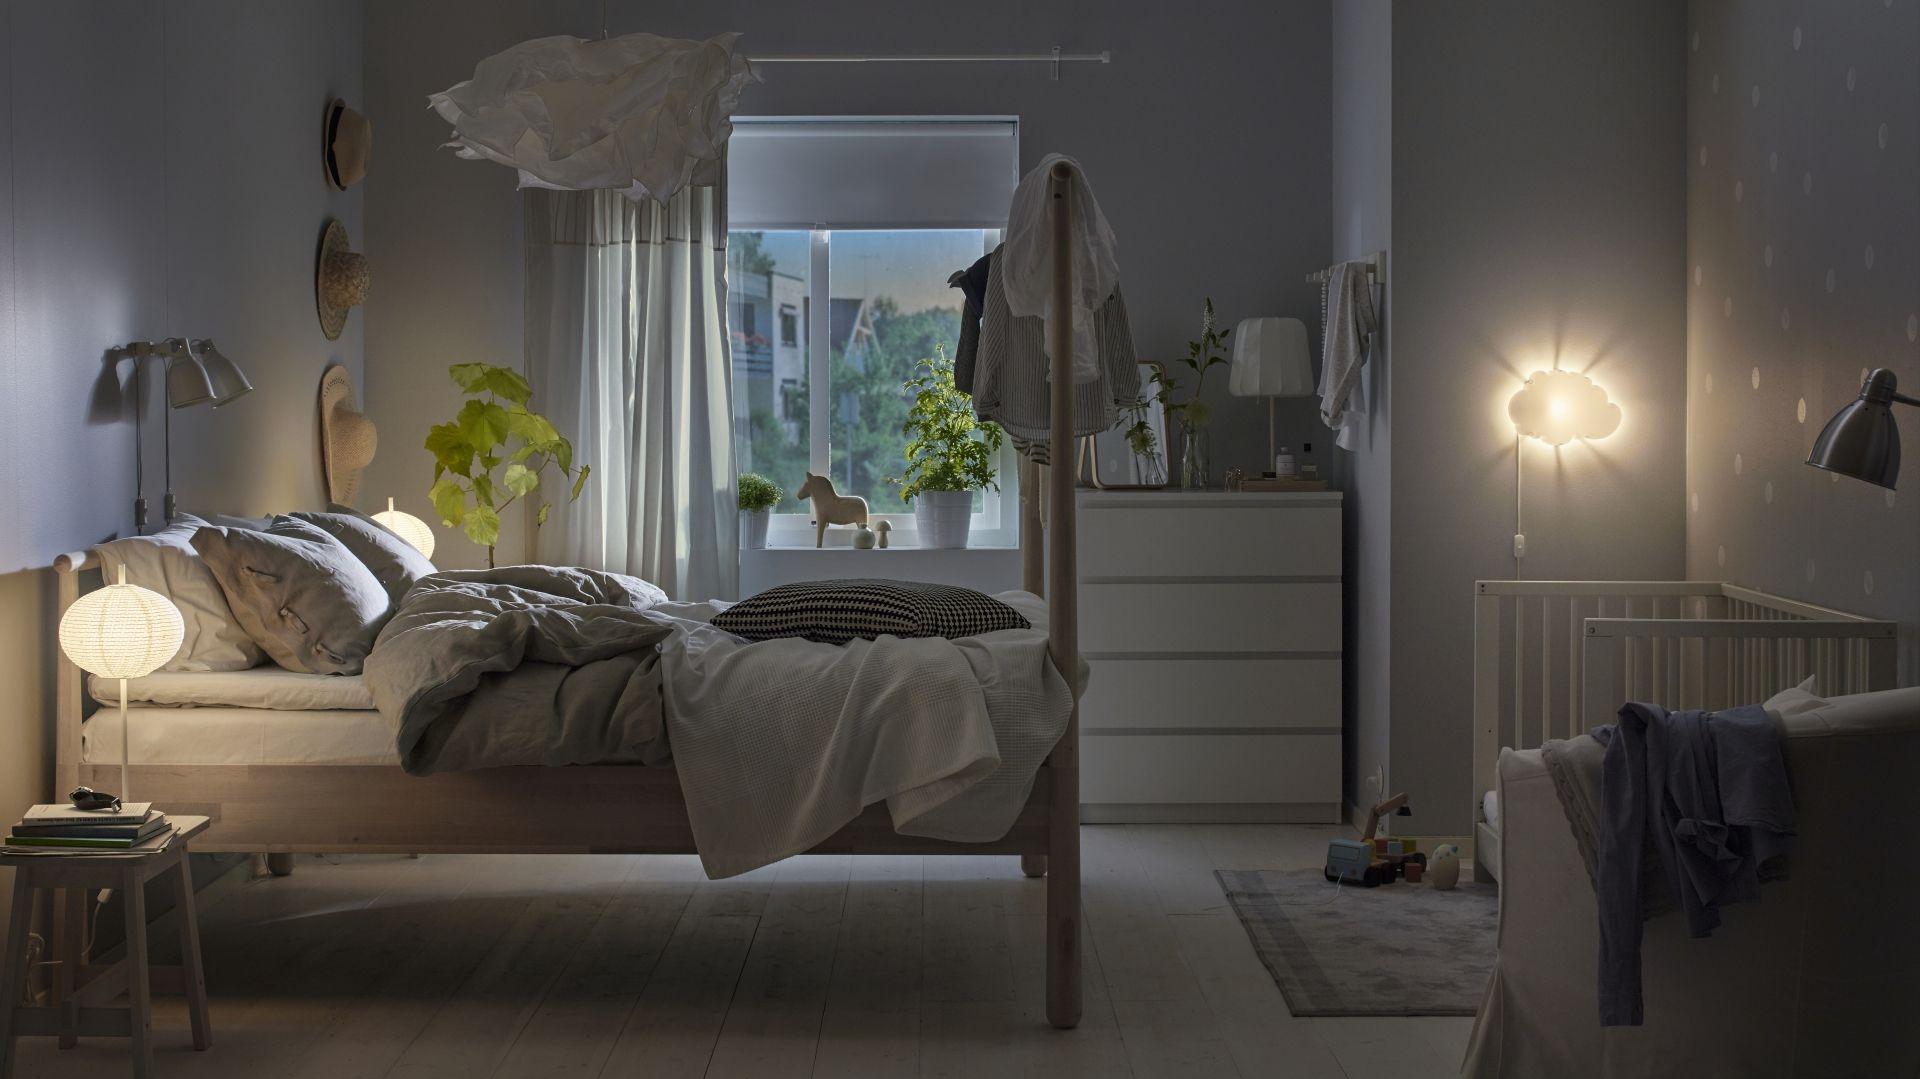 Ladekast Slaapkamer Hout : GjÖra bedframe ikea ikeanl ikeanederland bed slaapkamer slapen